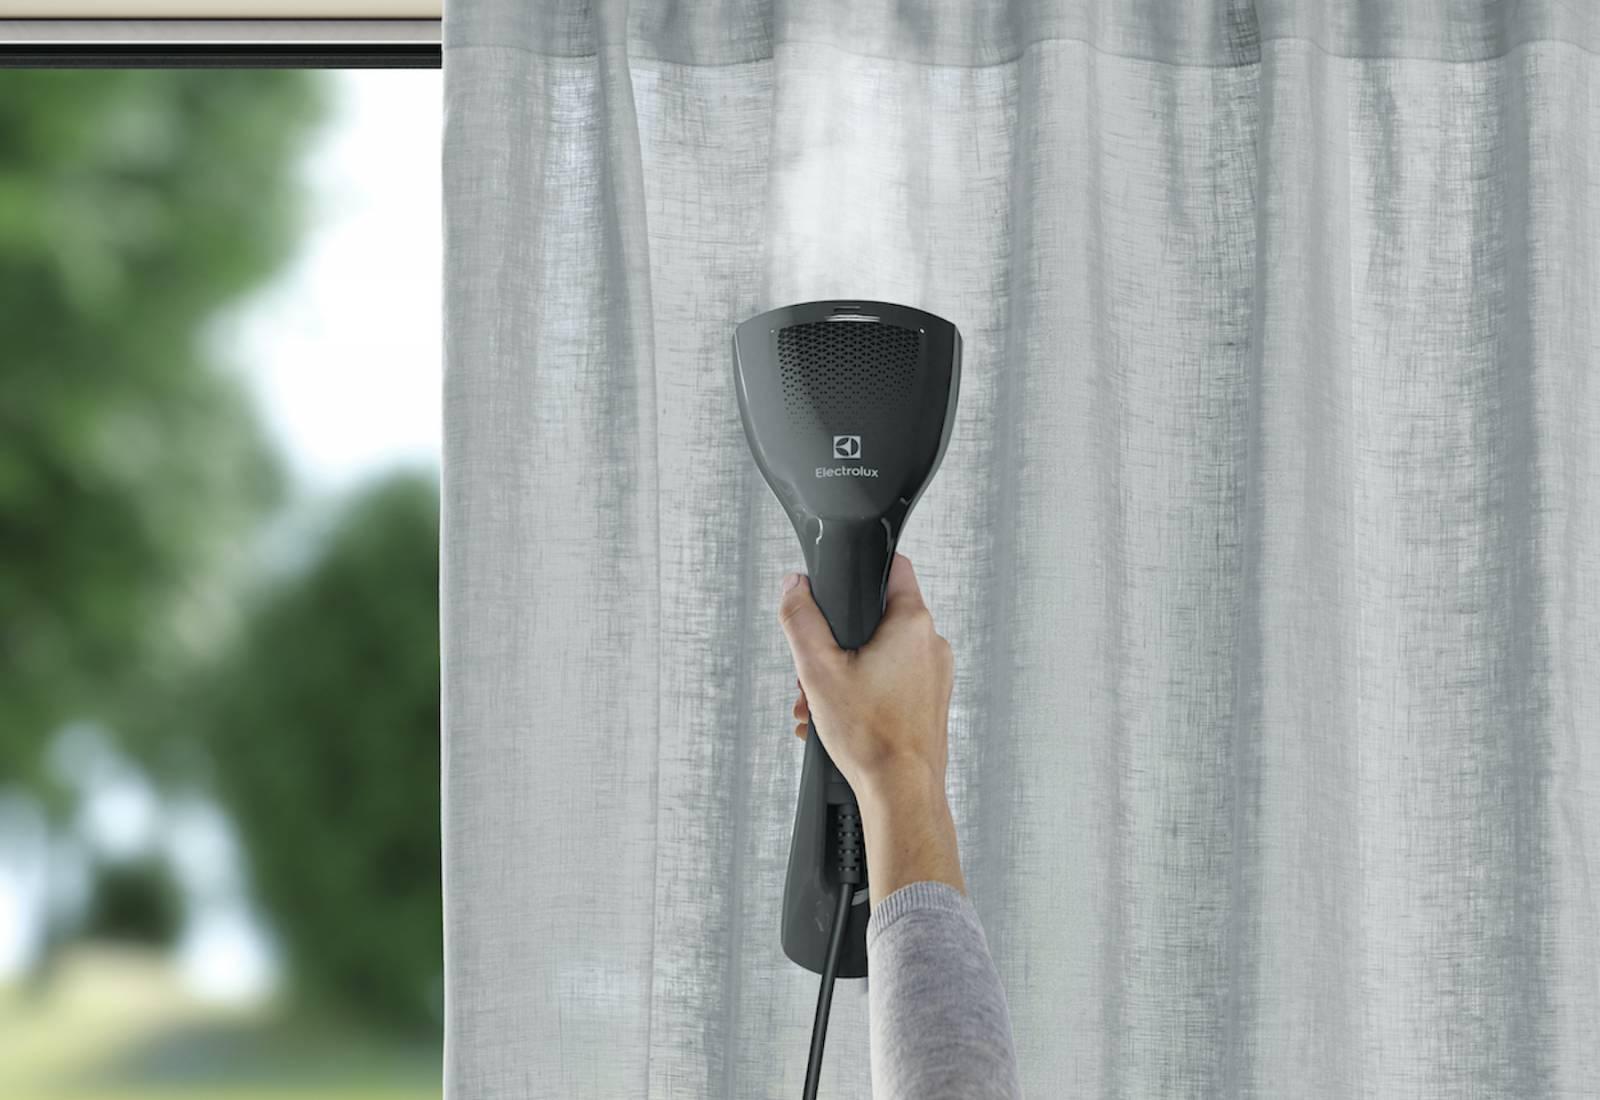 Immagine Lo stiratore verticale contro pieghe e batteri 2